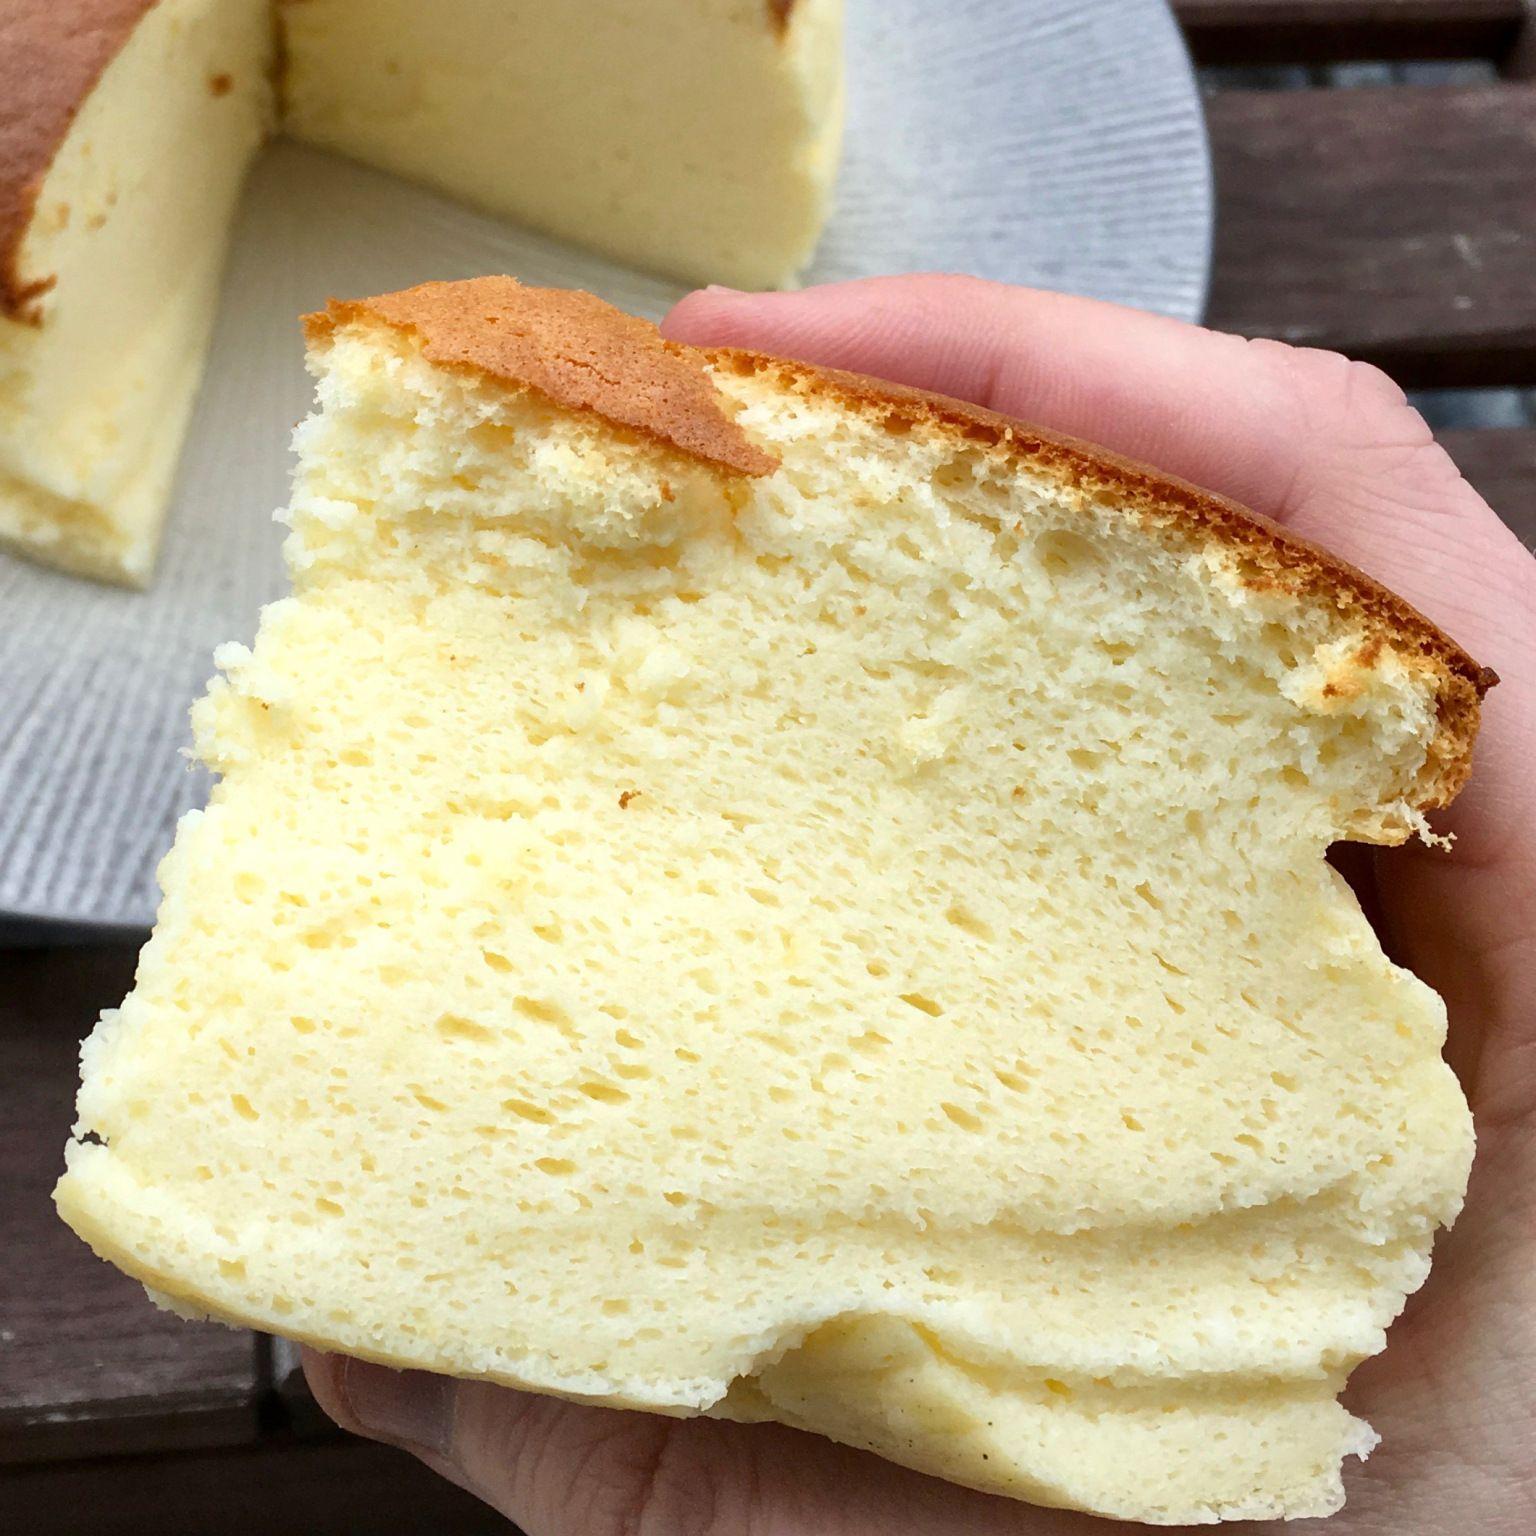 Un cheesecake japonais | Cheesecake japonais, Recette ...